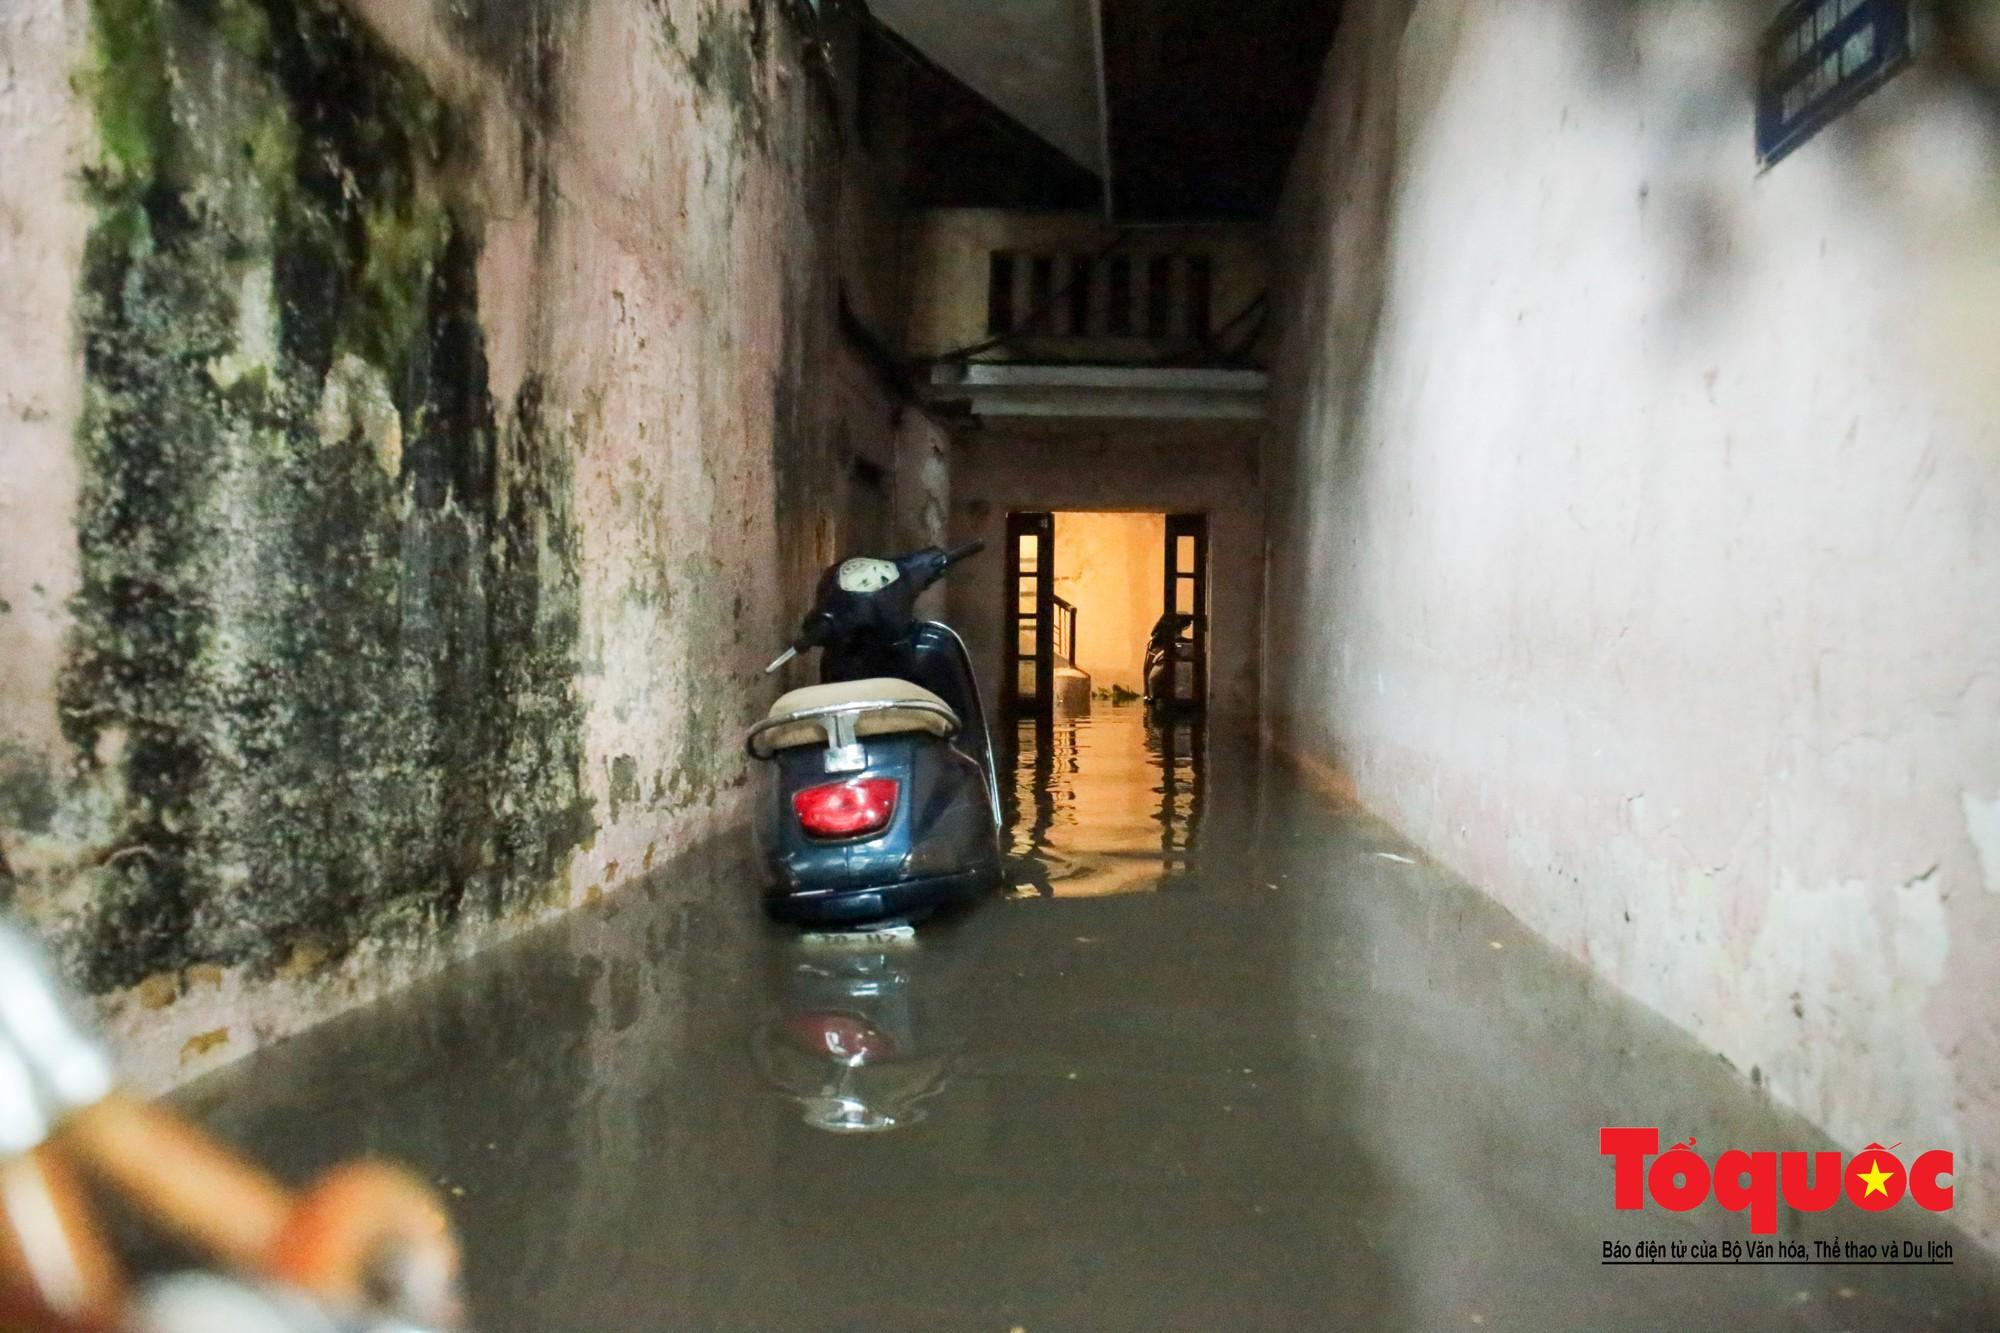 Hà Nội mưa lớn bất ngờ, nhiều tuyến đường lại ngập trong sâu biển nước28